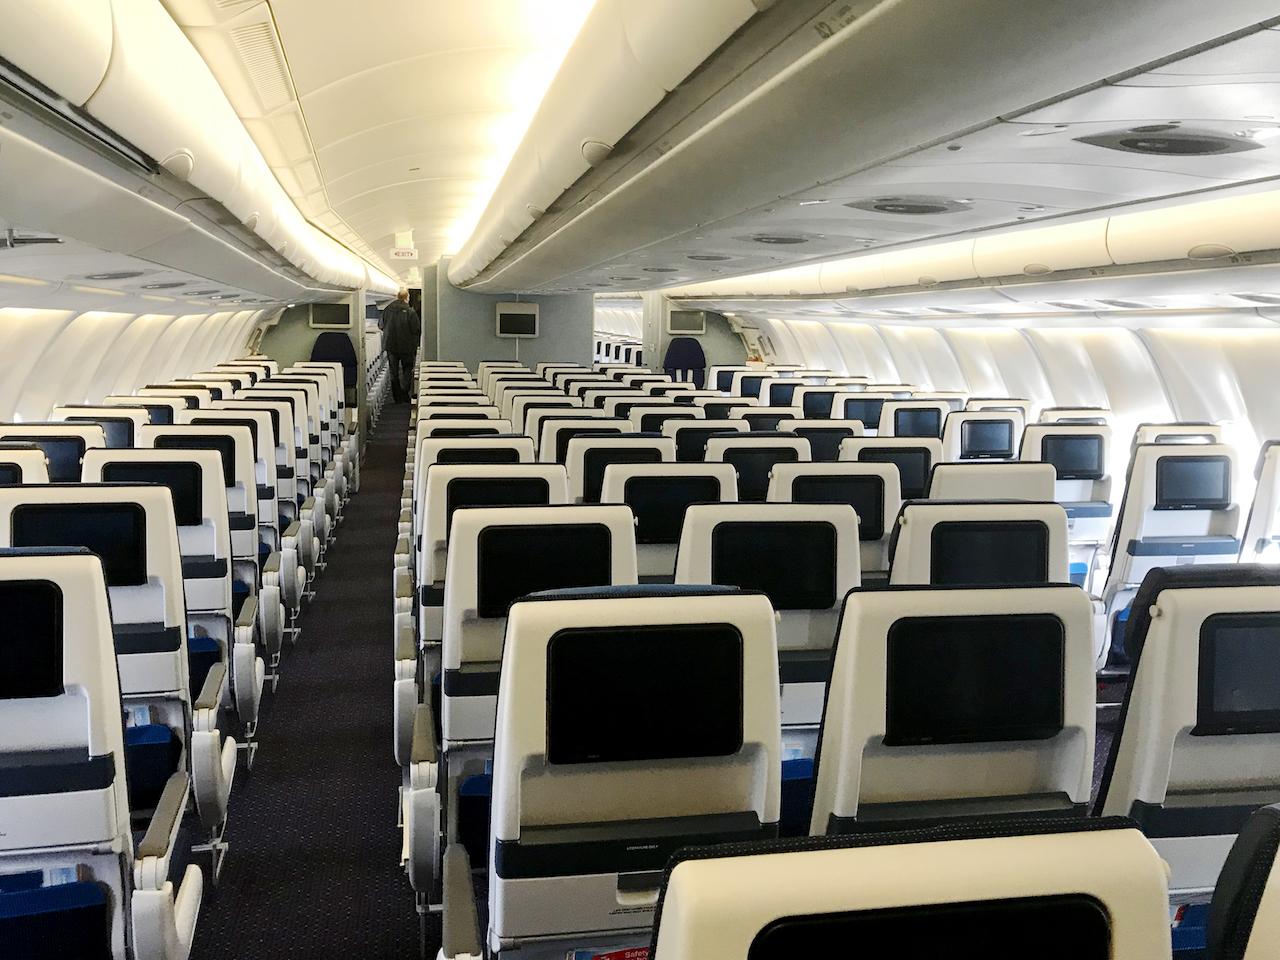 klm lanceert nieuw interieur airbus a330 200 reisbizz